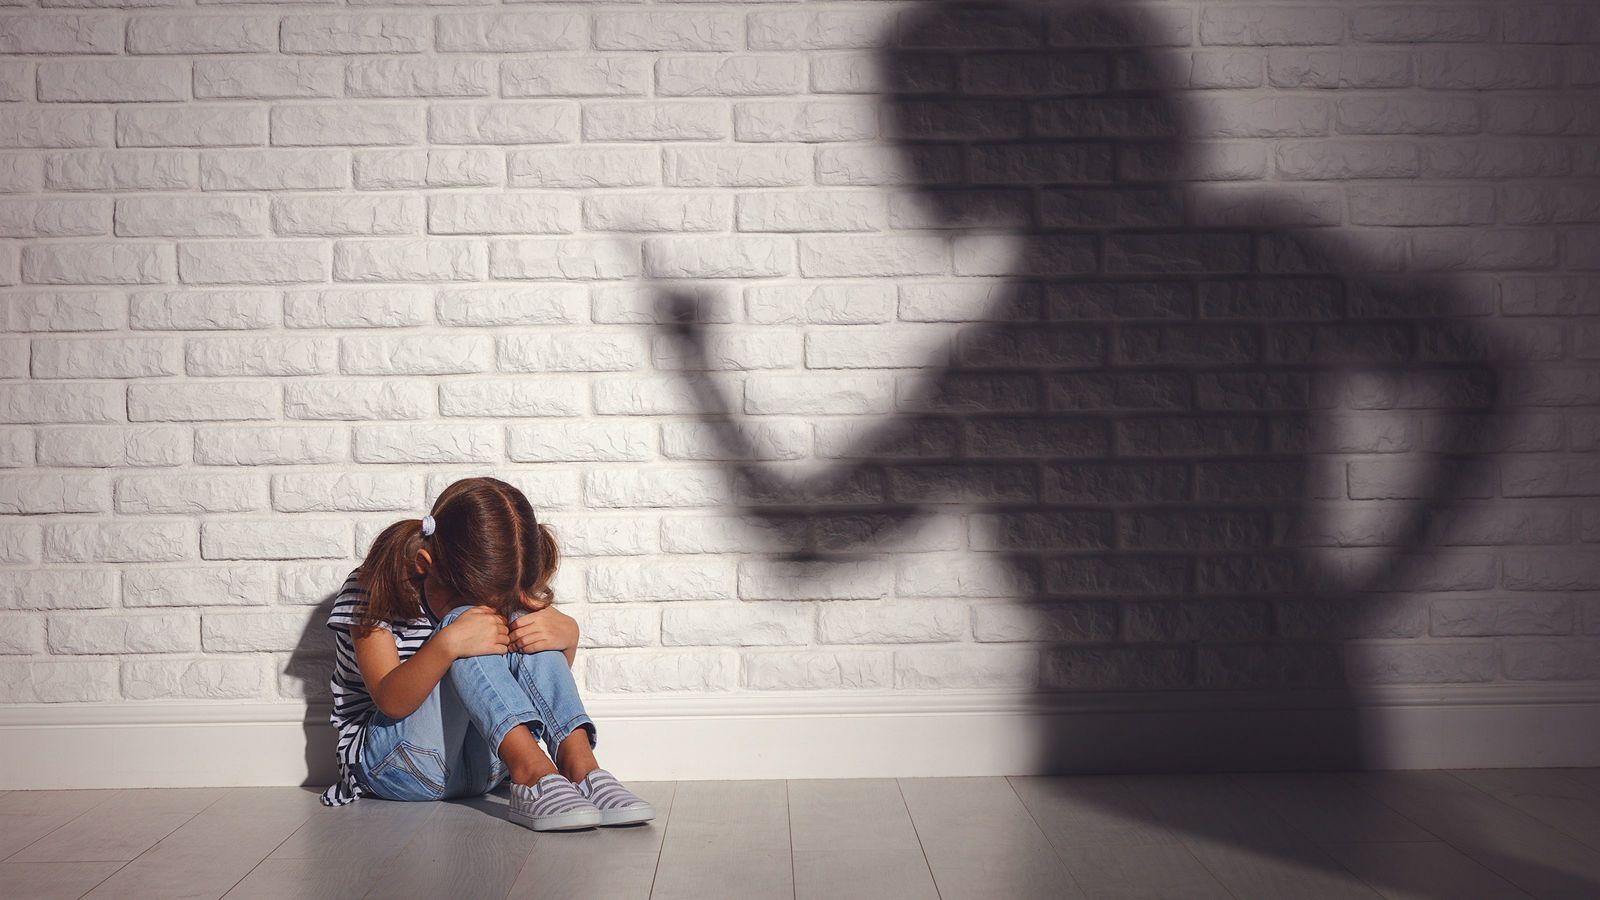 子供に「早く死ねばいいのに」と思う母親の理屈 「愛着障害」の人が抱える最大の困難